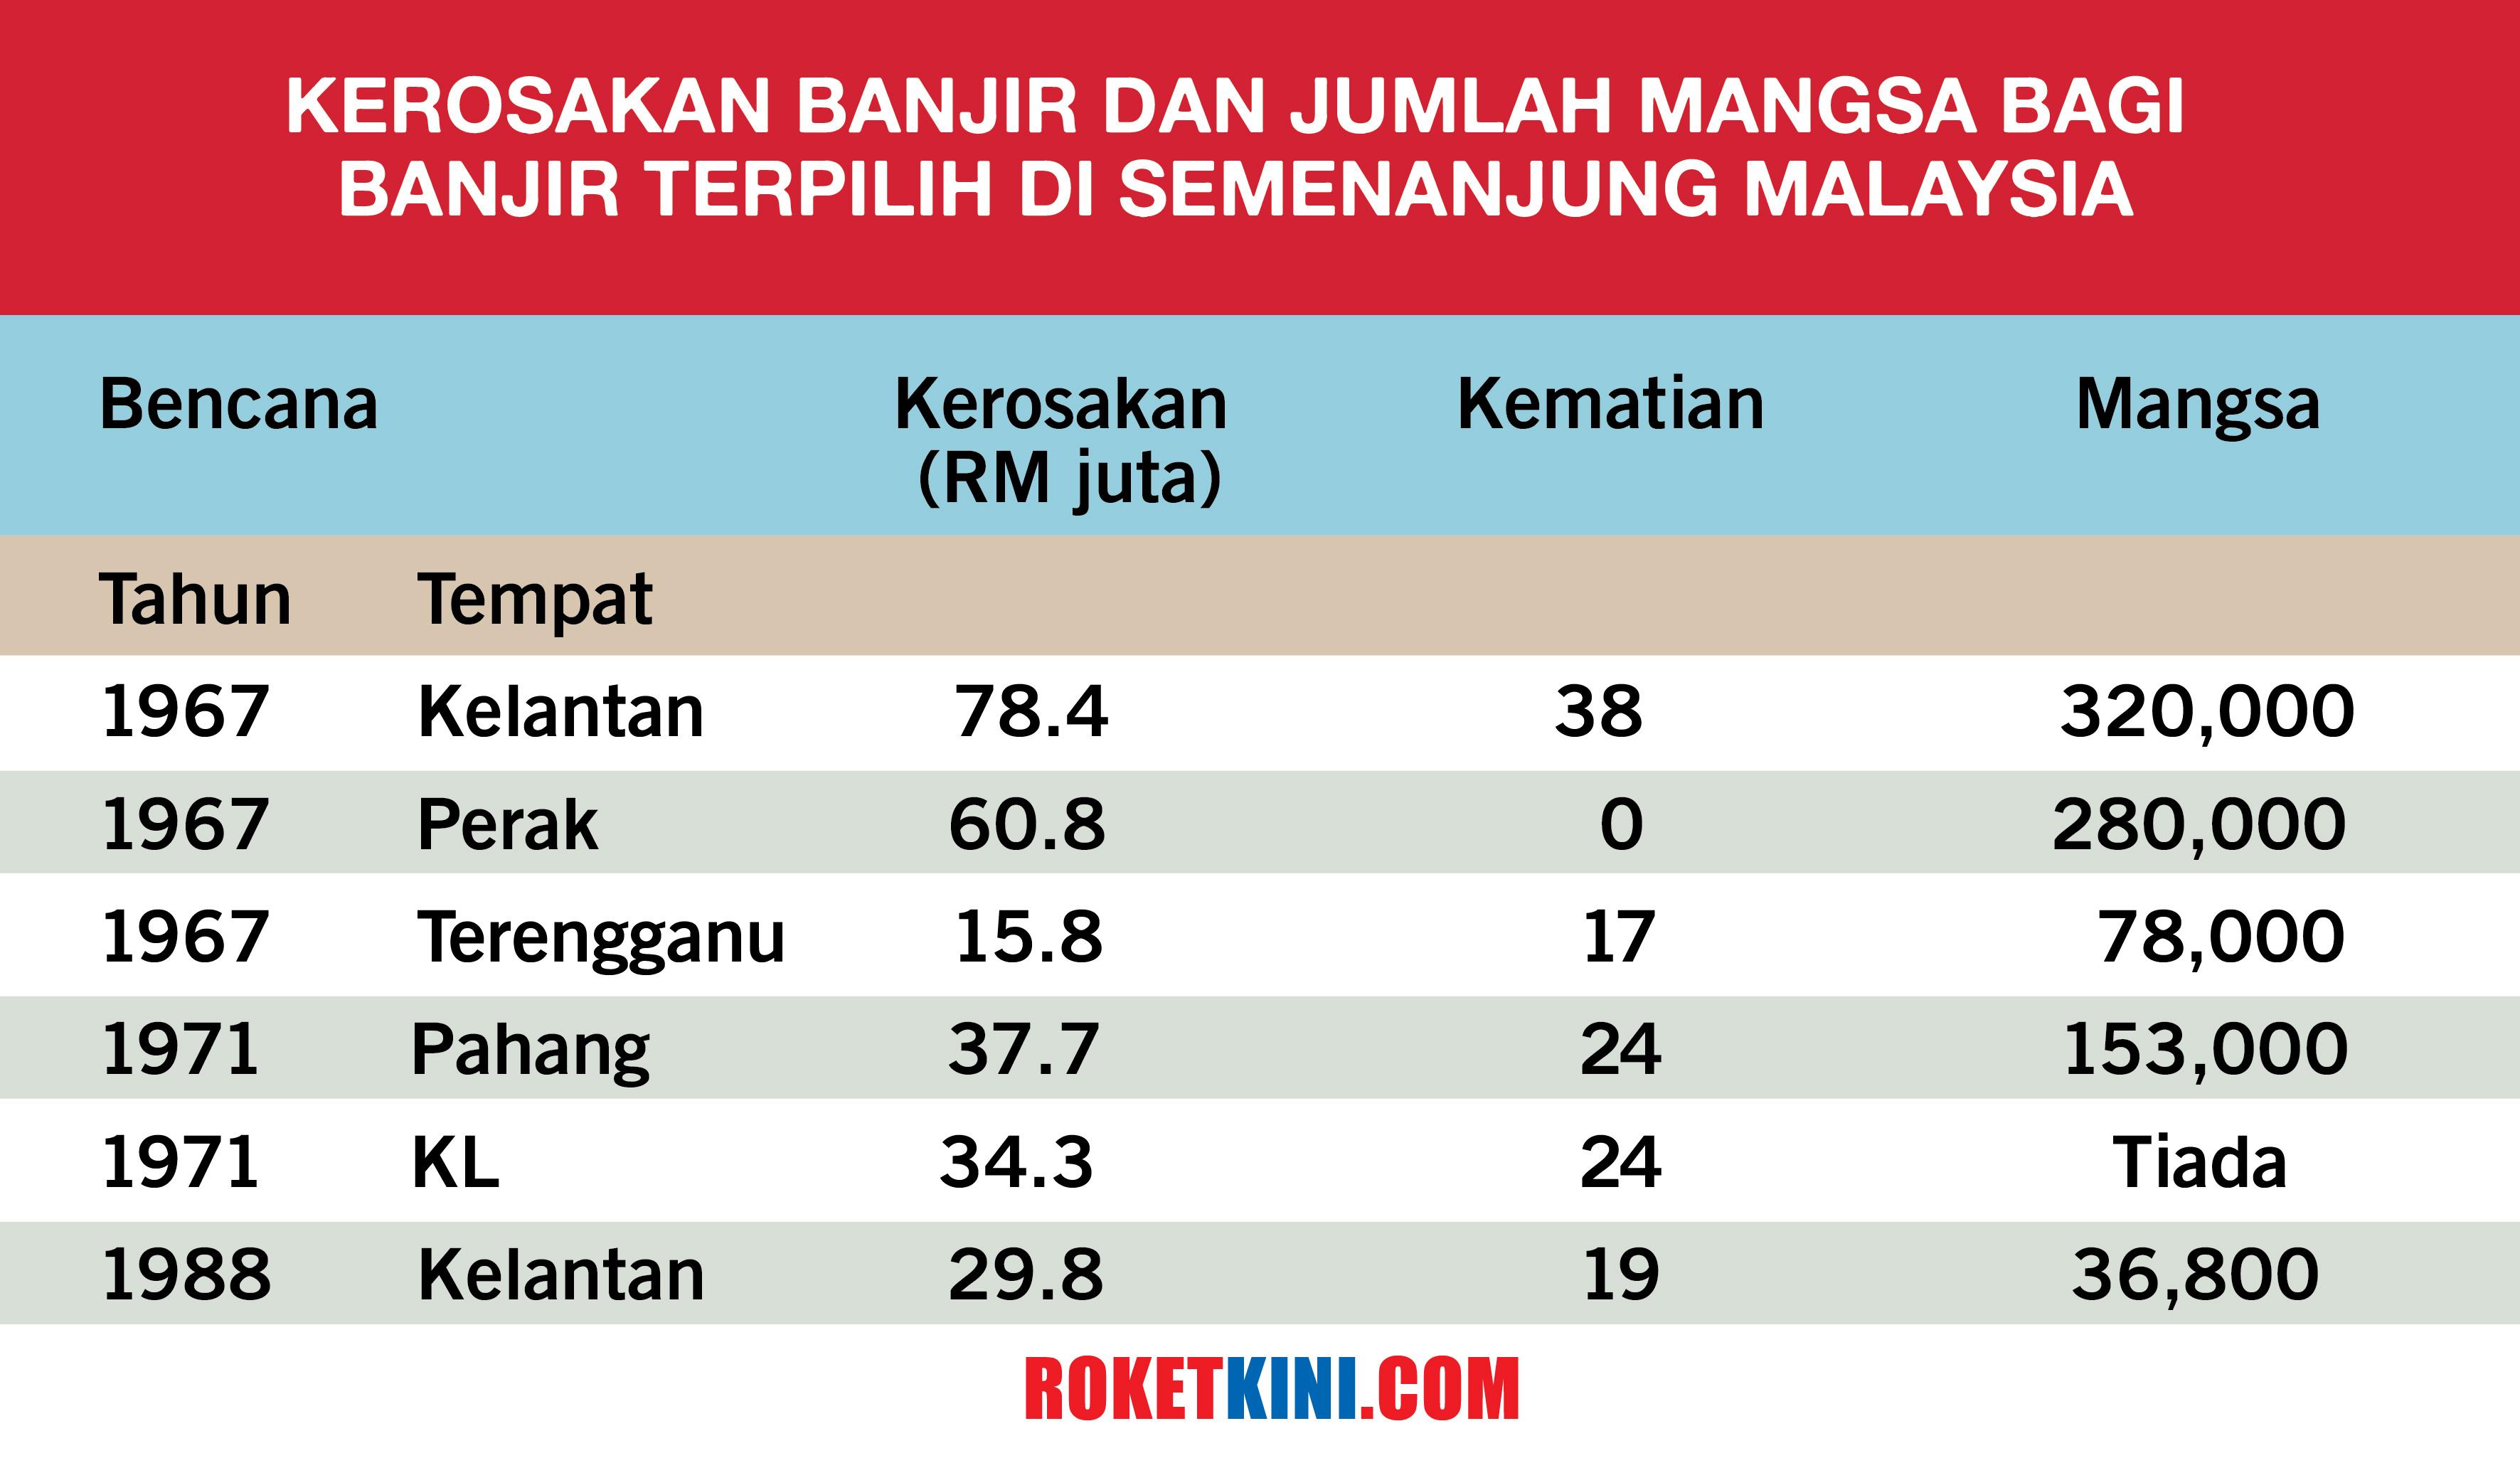 Perak Dan Perak Dan Terengganu